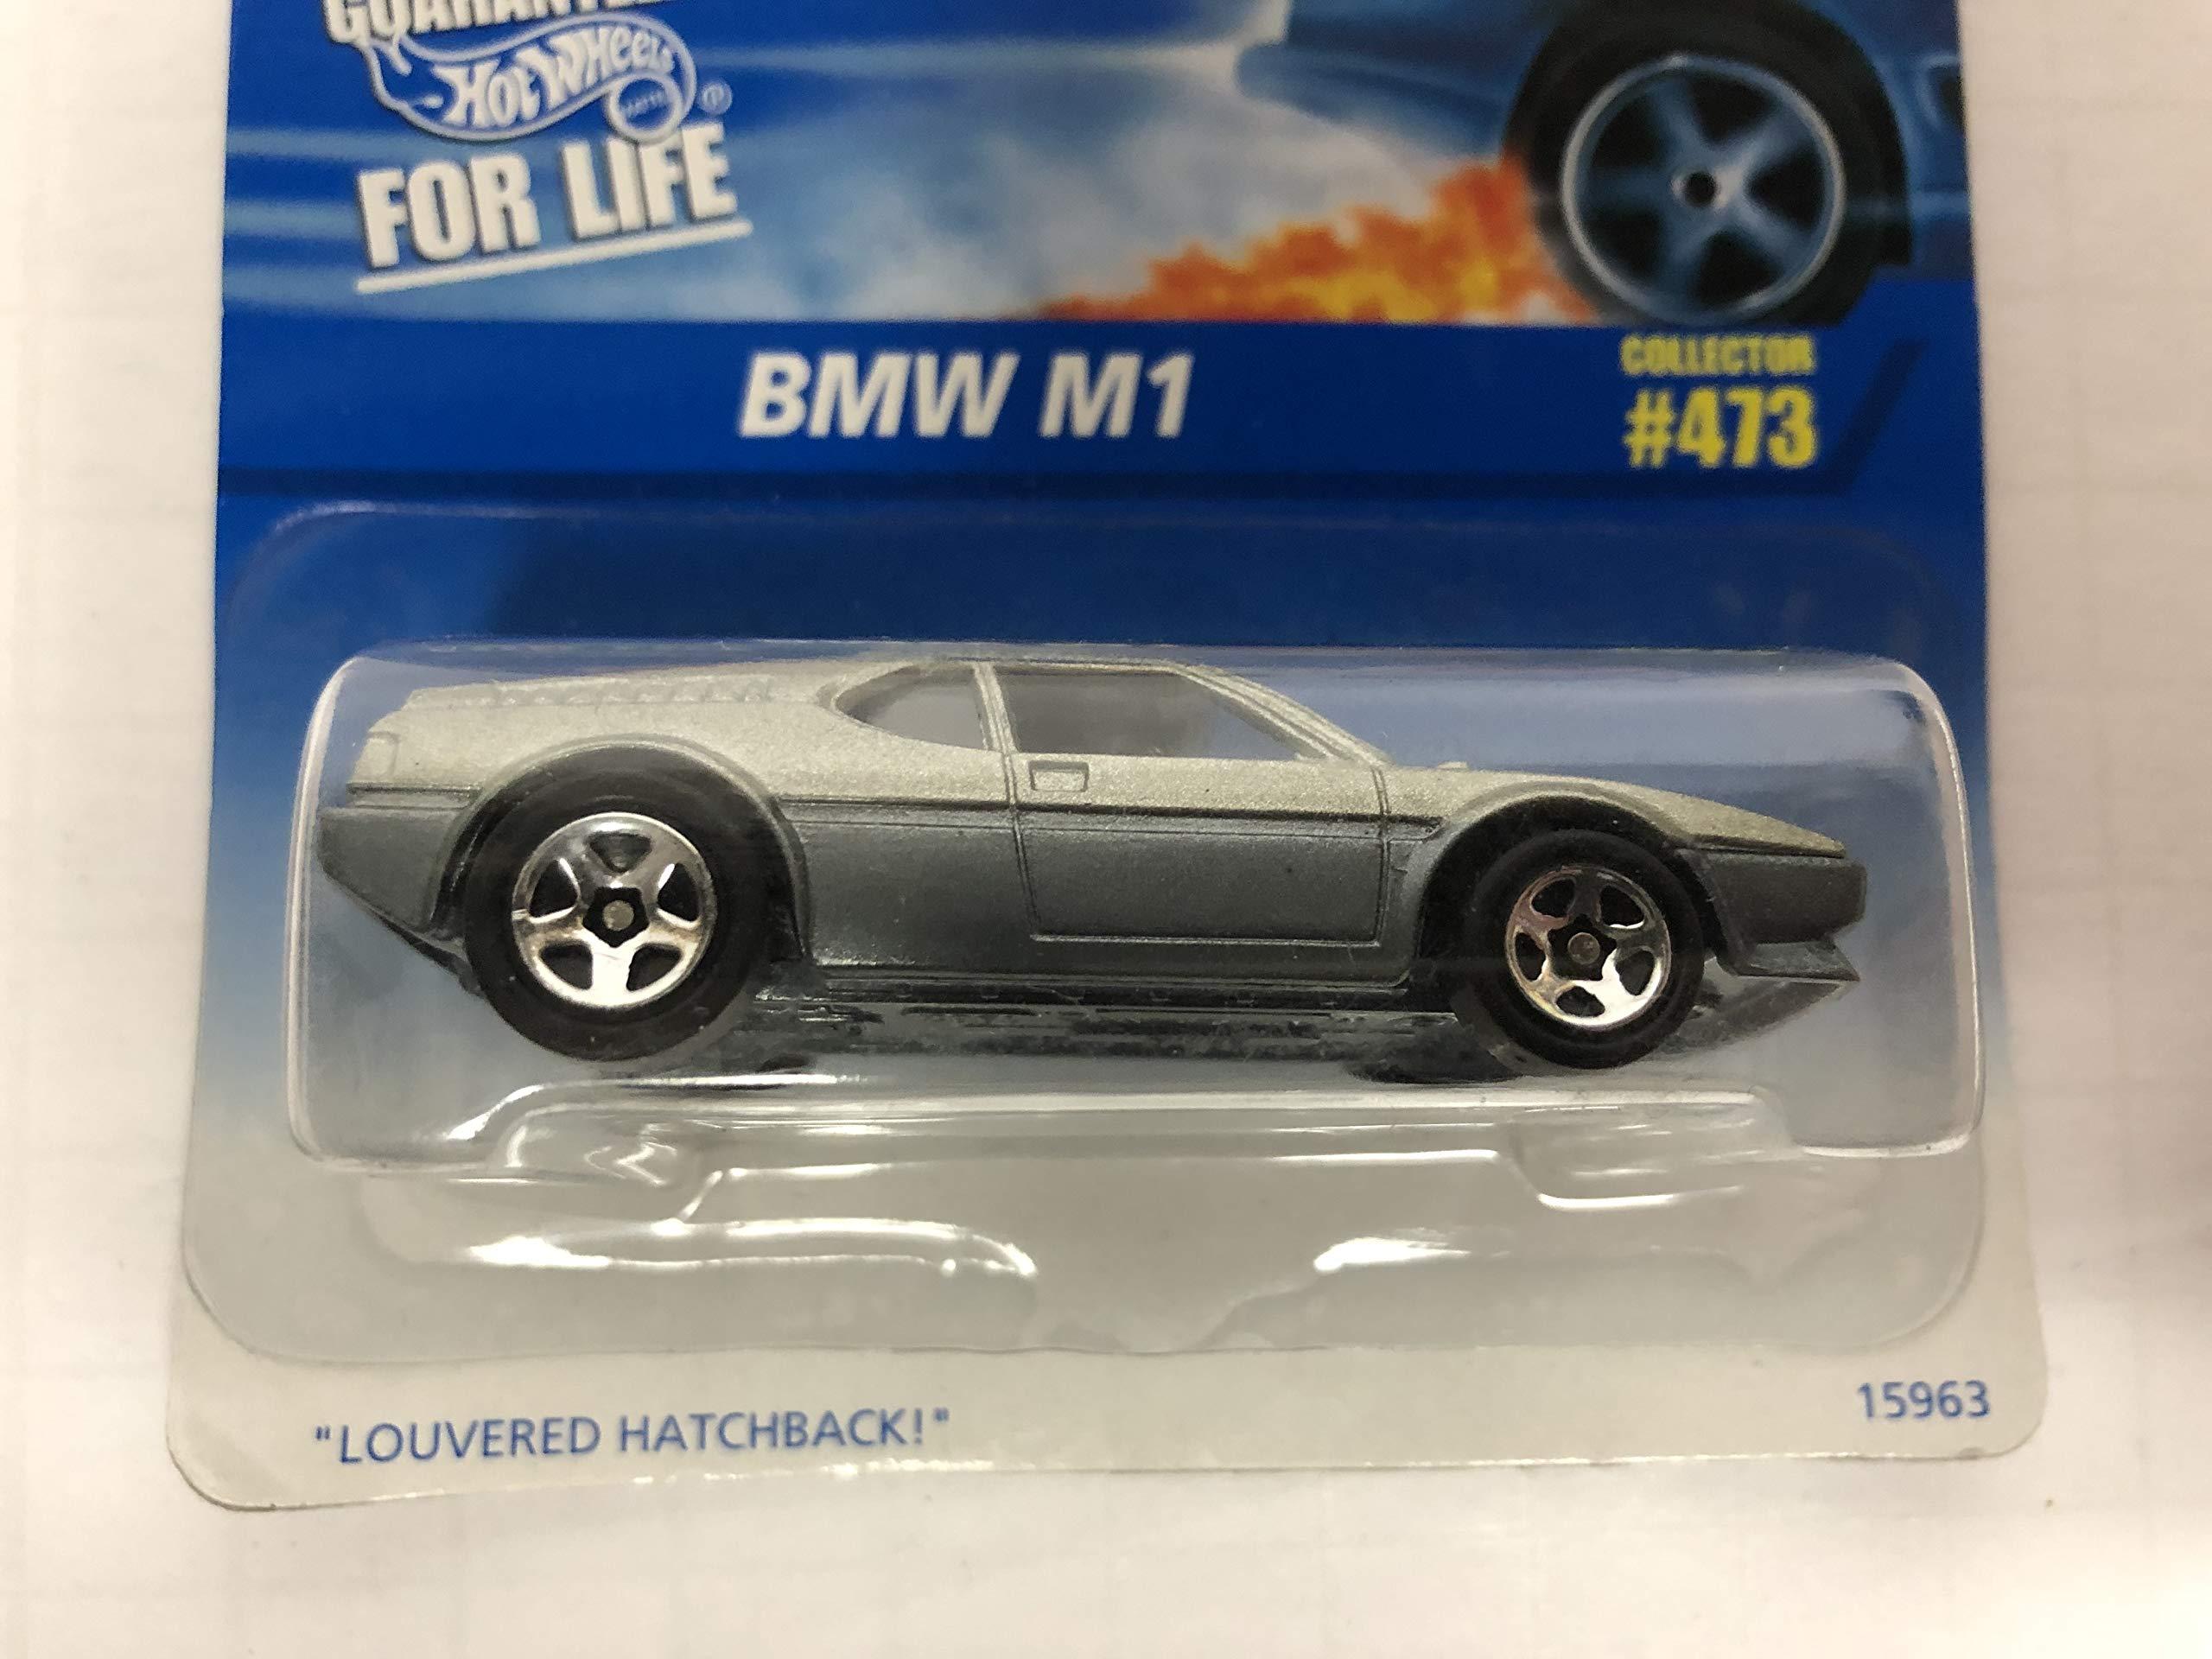 BMW M1 1996 Hot Wheels No. 473 diecast 1/64 scale car